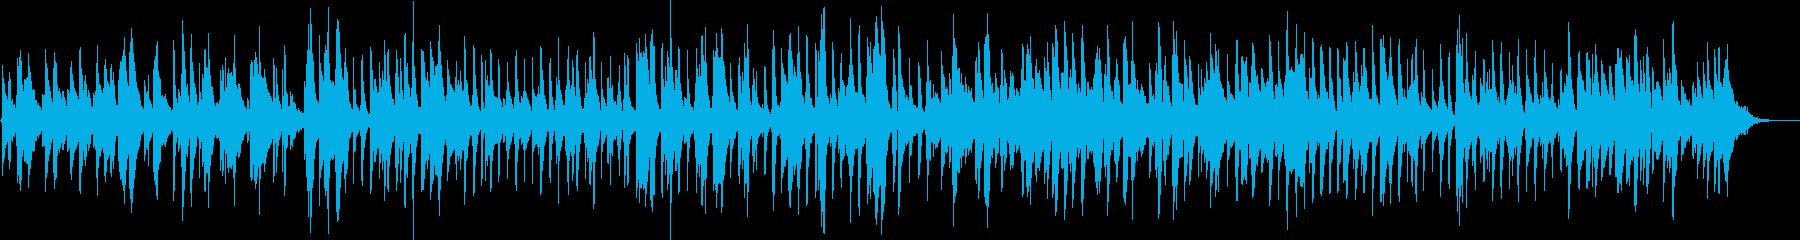 メロウな色彩のサンセットジャズワルツの再生済みの波形